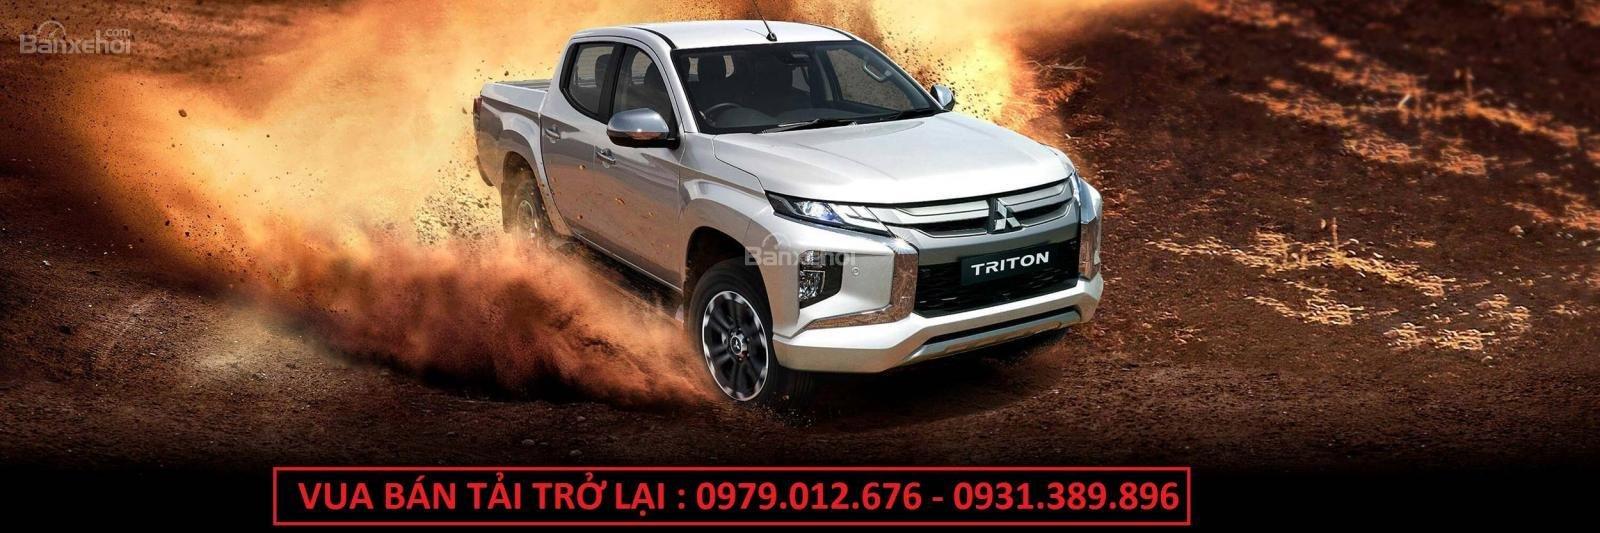 Bán xe Mitsubishi Triton model 2019 ở Vinh, Nghệ An, giá cực tốt - 0979.012.676-0